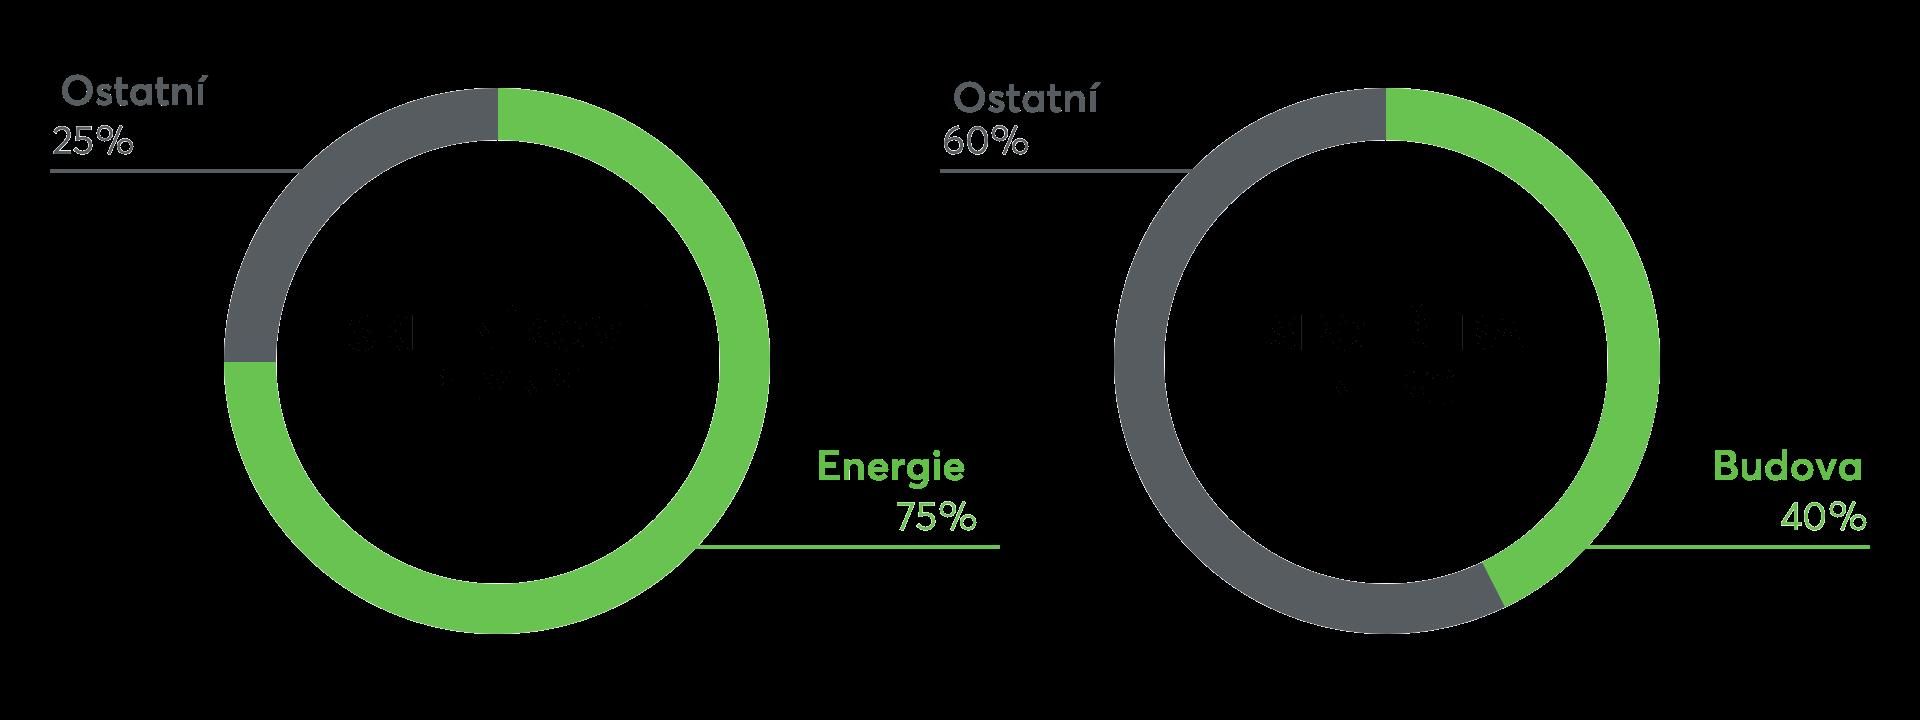 Graf skleníkových plynů a spotřeby energie